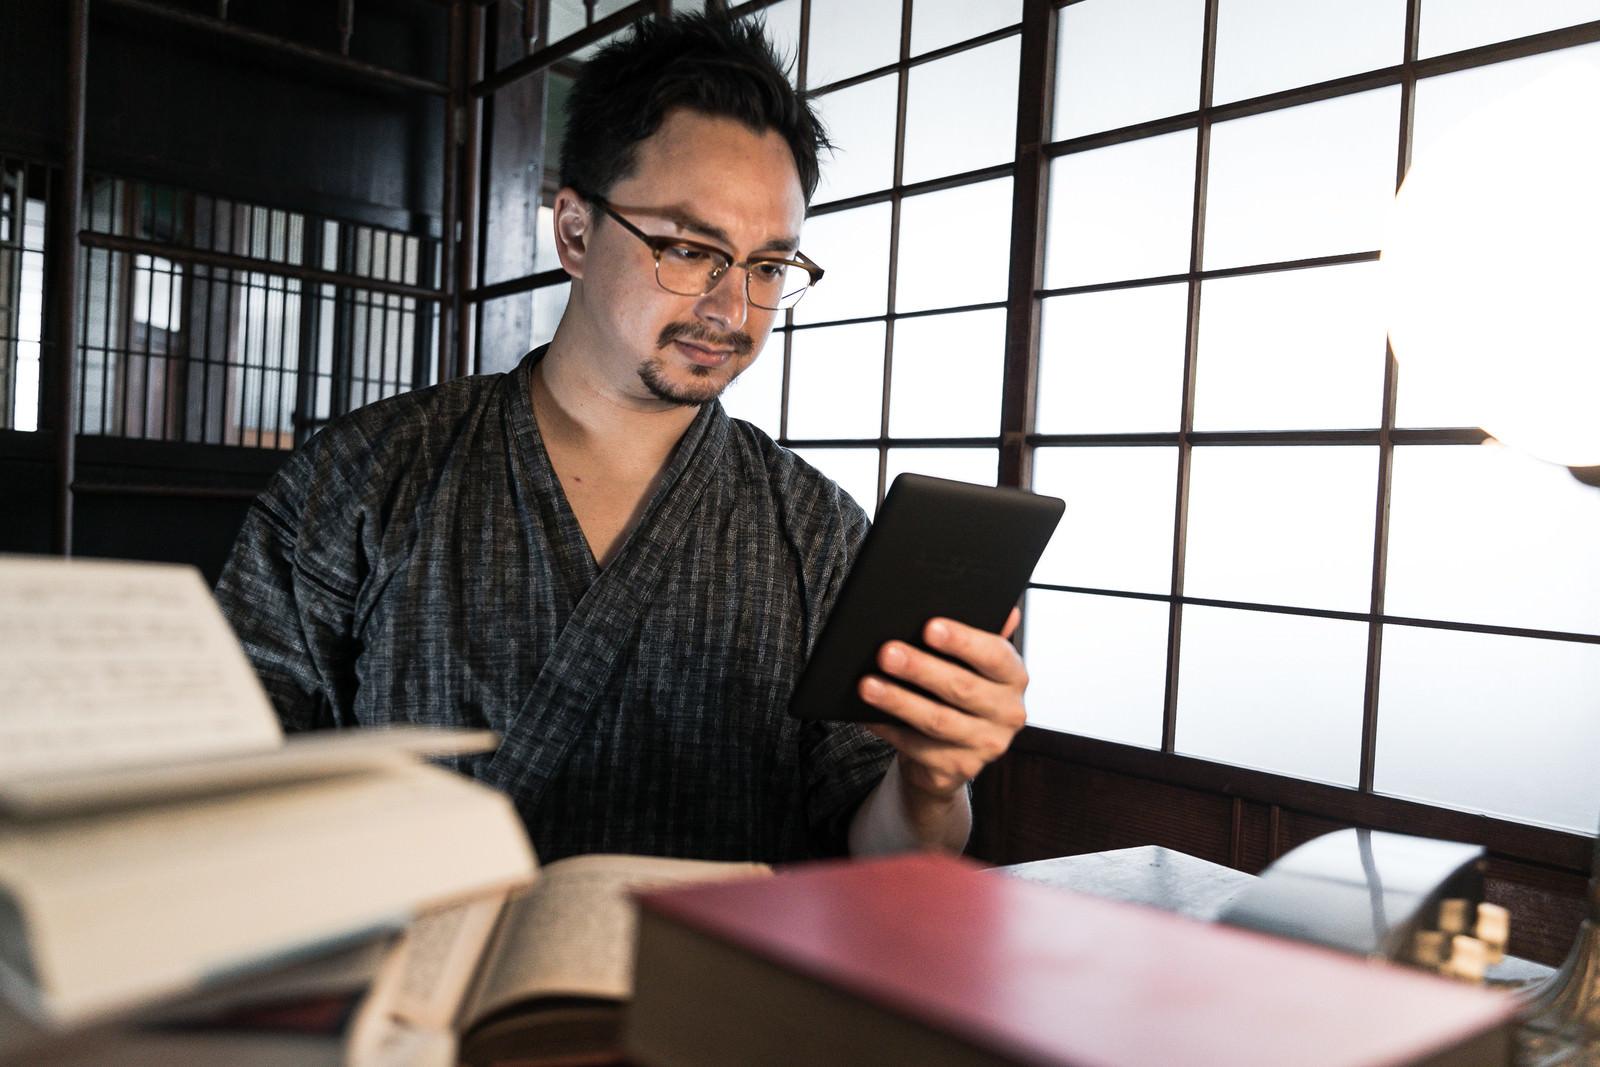 「積まれた本より電子書籍を読んでしまうデジタル世代」の写真[モデル:Max_Ezaki]